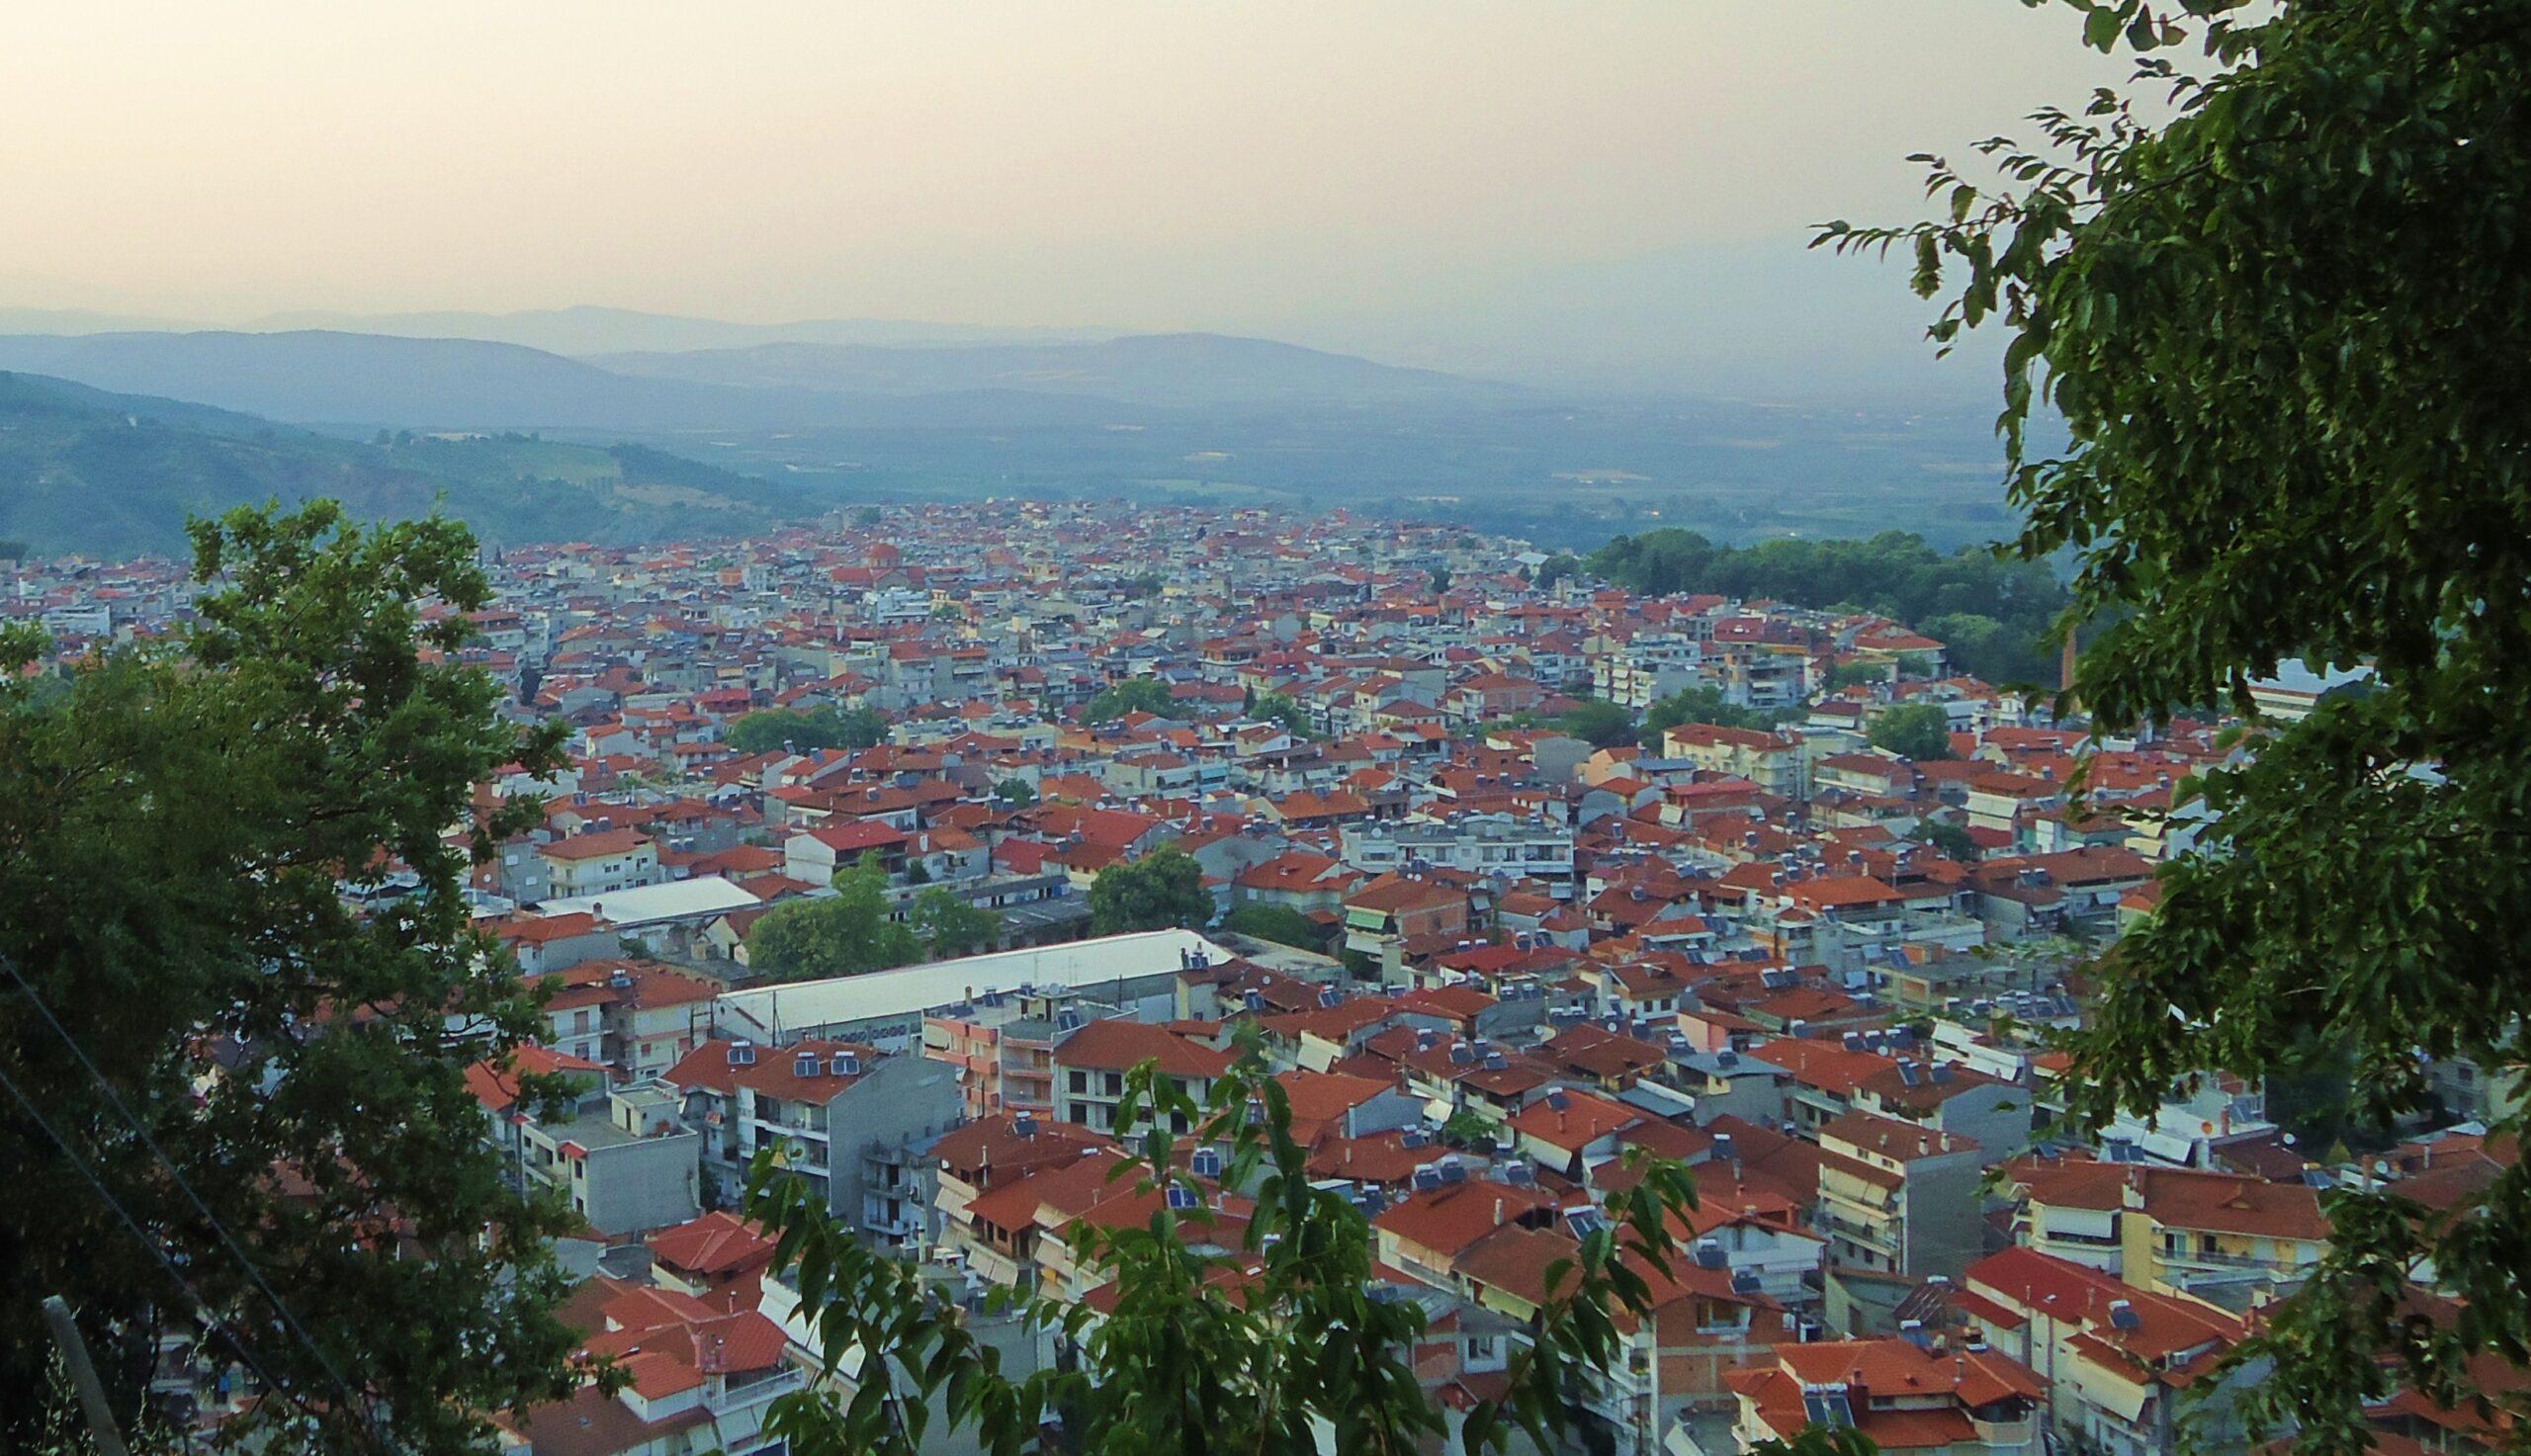 Η σύμβαση του έργου συντήρησης δημοτικών κτιρίων του Δήμου Νάουσας!